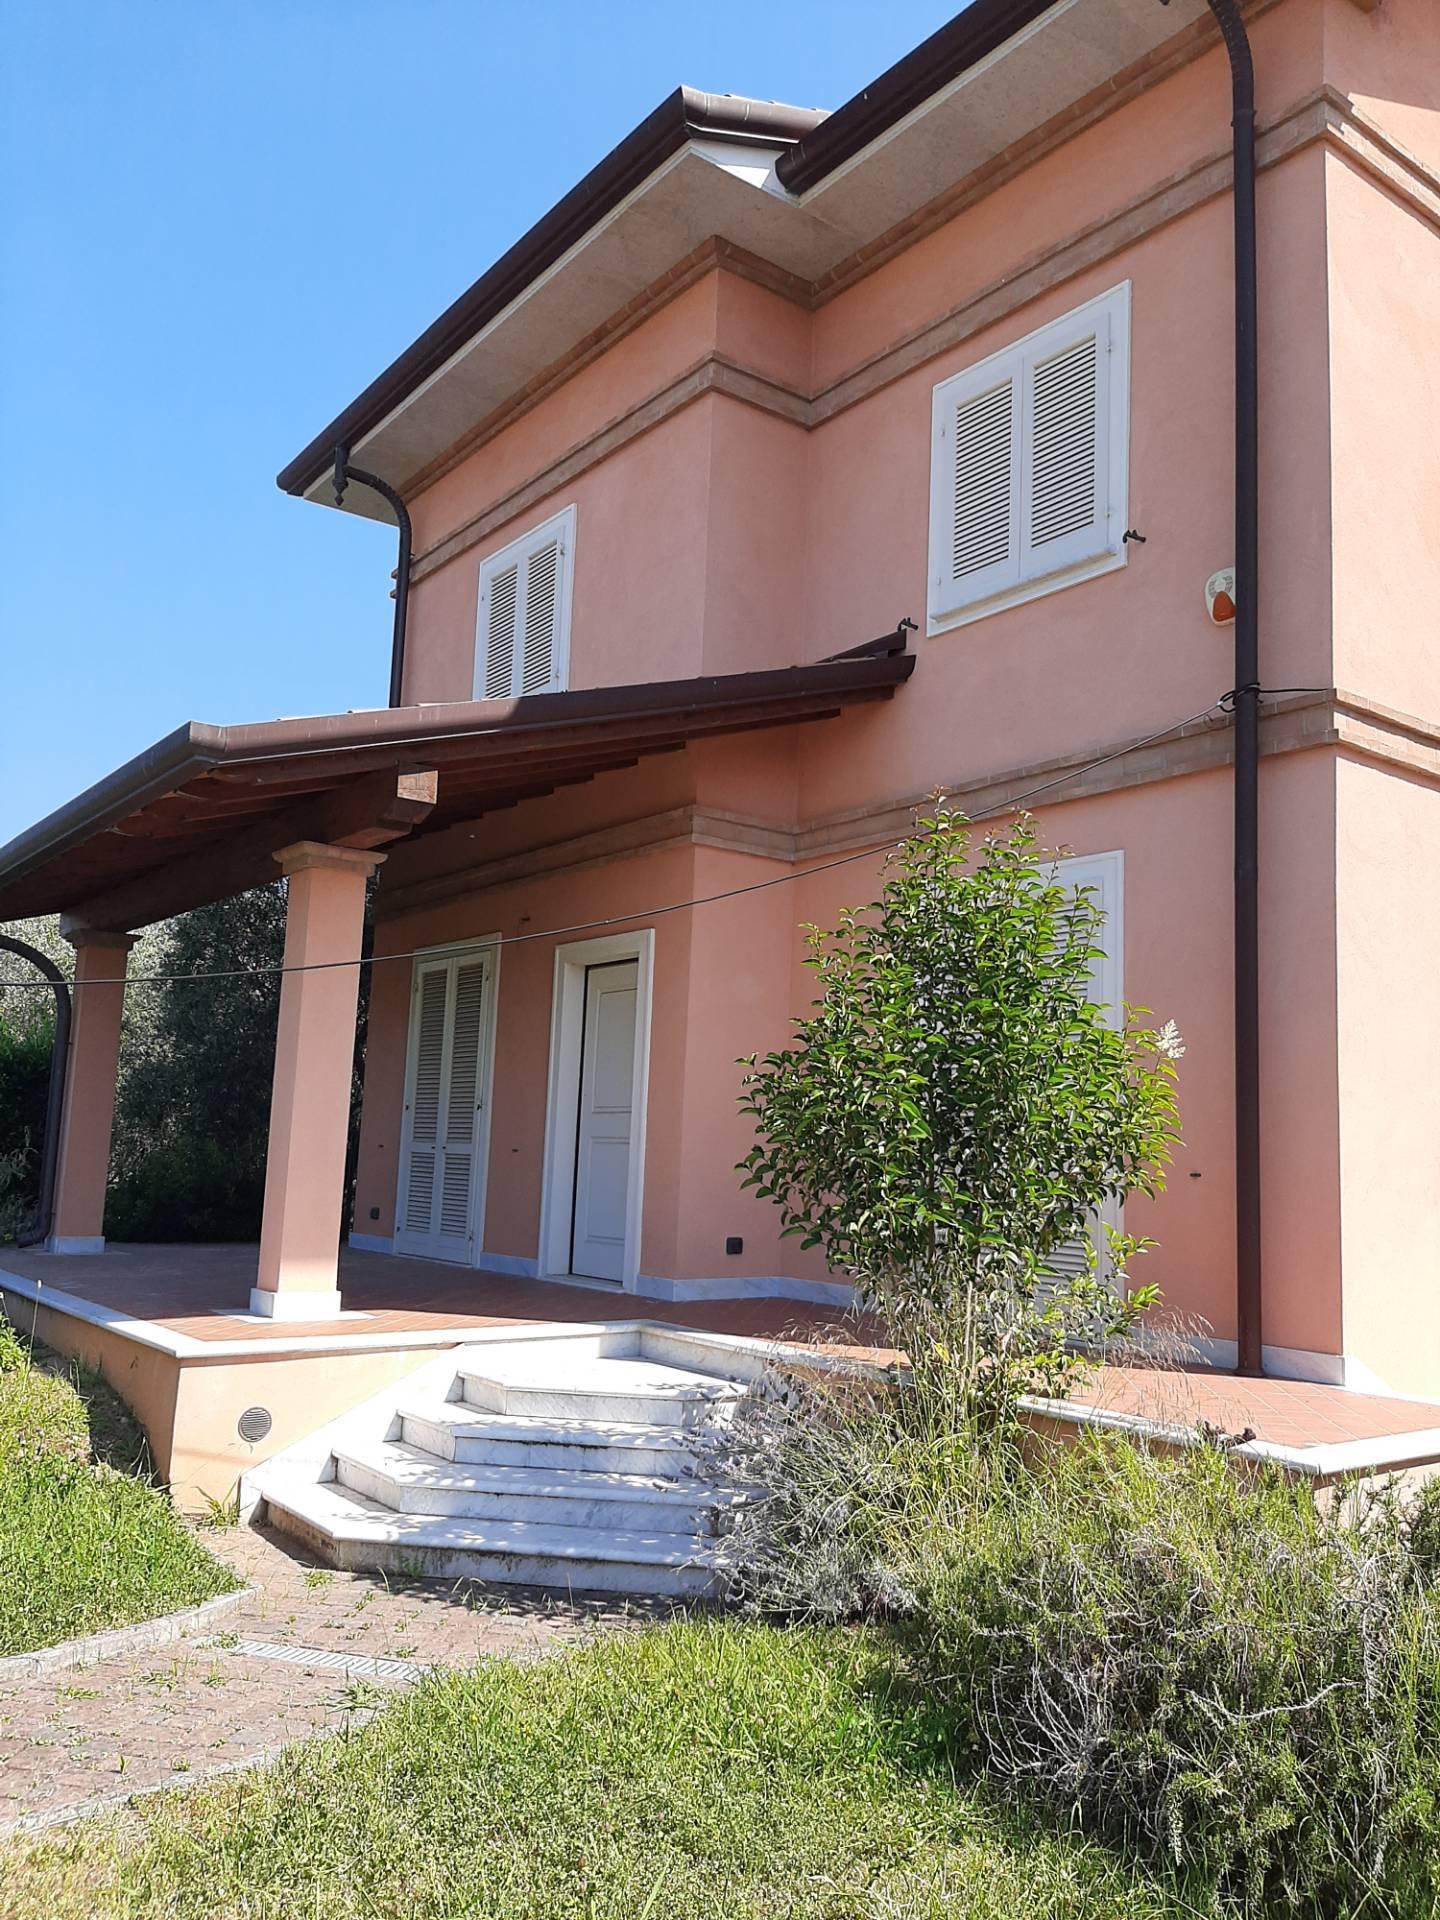 Soluzione Indipendente in vendita a Seravezza, 7 locali, zona Zona: Querceta, prezzo € 700.000 | CambioCasa.it